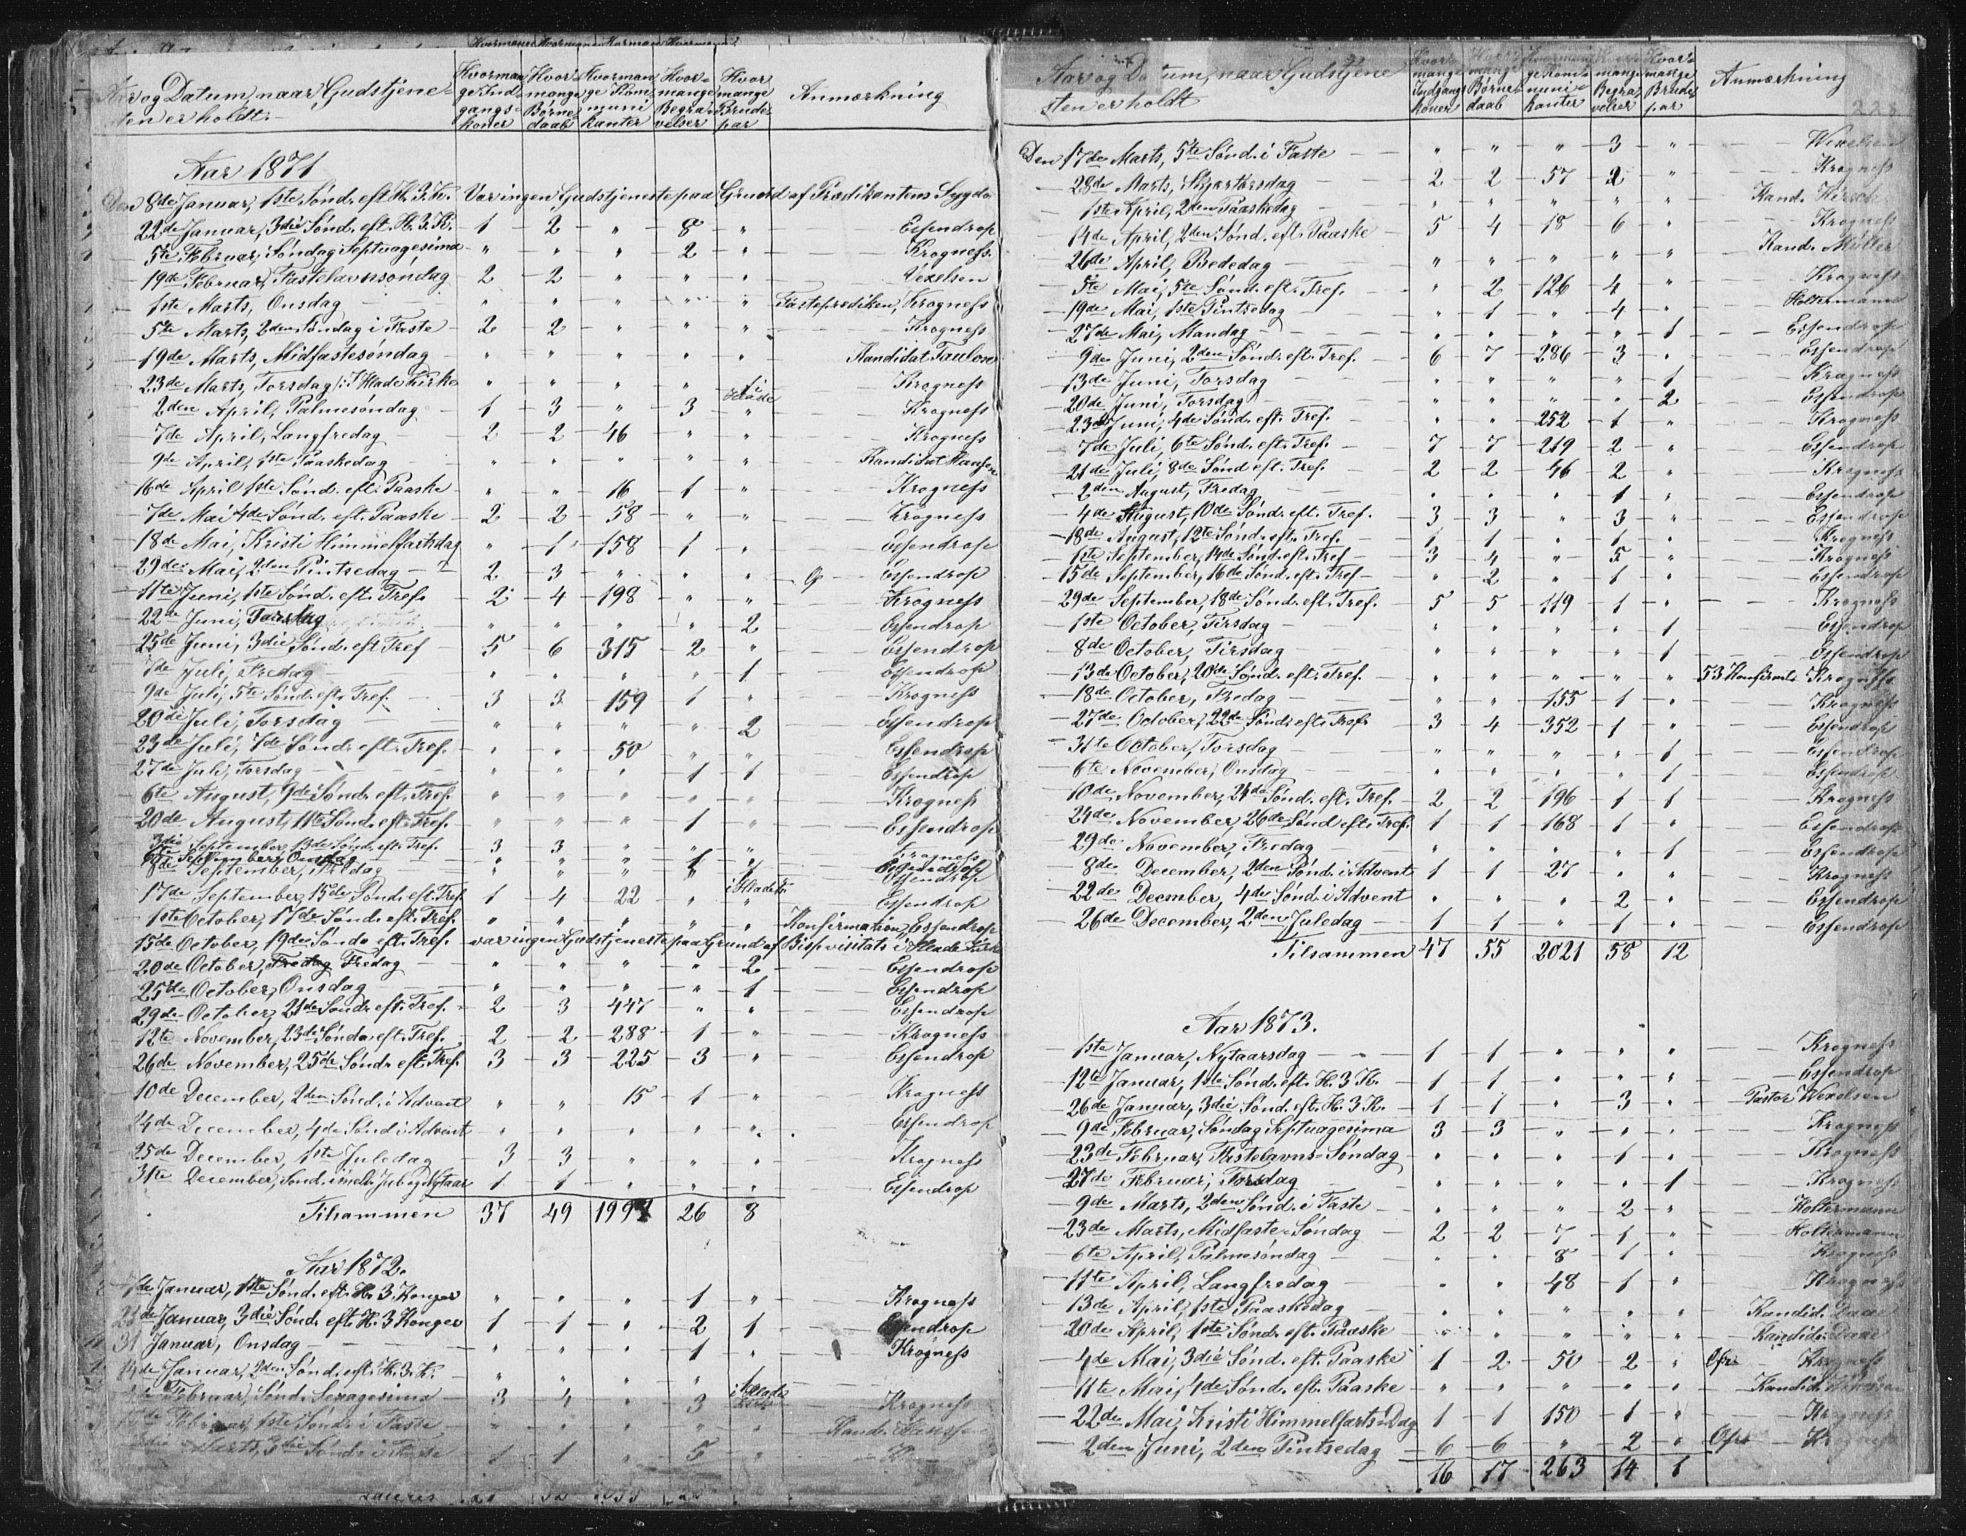 SAT, Ministerialprotokoller, klokkerbøker og fødselsregistre - Sør-Trøndelag, 616/L0406: Ministerialbok nr. 616A03, 1843-1879, s. 228